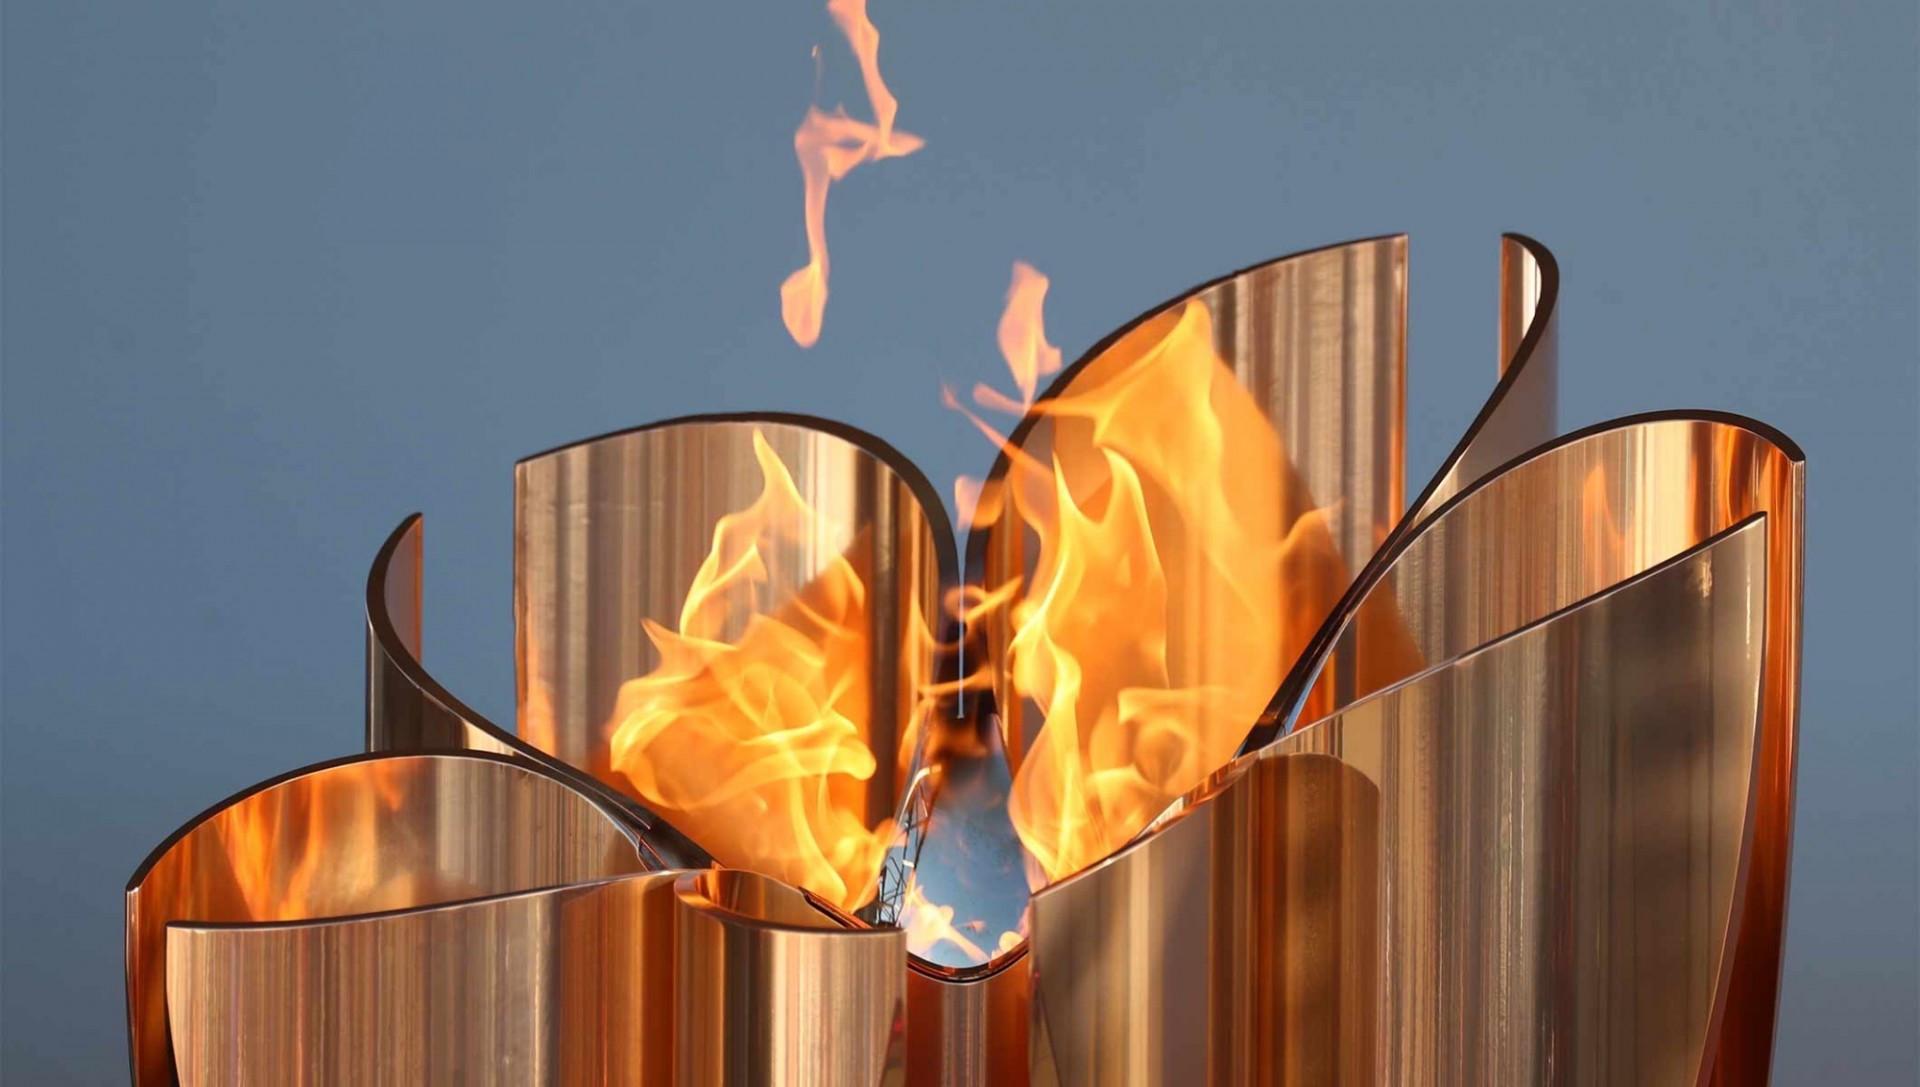 «Токио-2020» Олимпиада алауы эстафетасының бағыты жарияланды